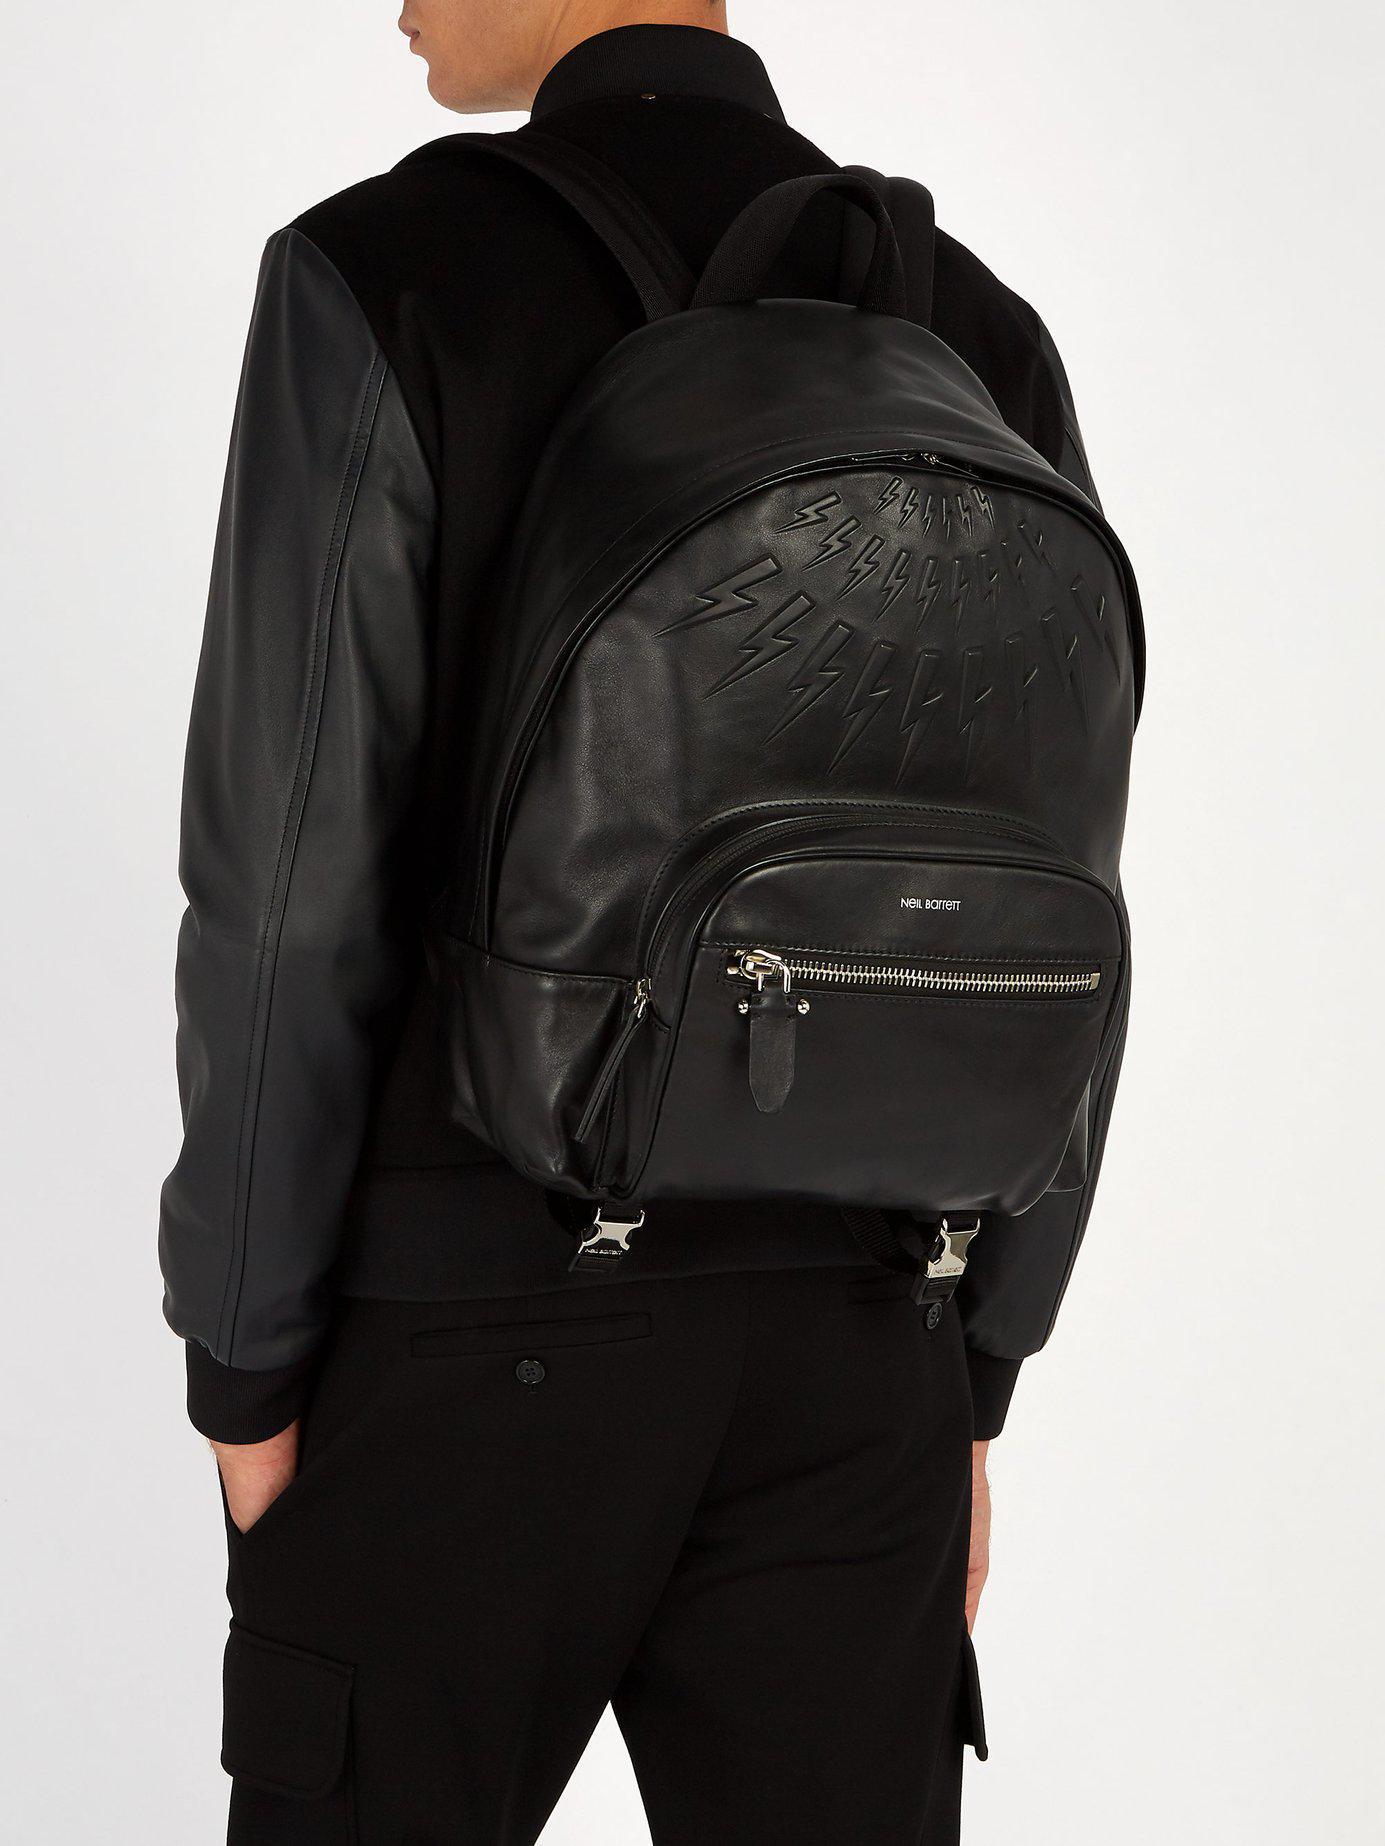 51cf4fac16 Lyst - Neil Barrett Lightning-bolt Embossed Leather Backpack in ...